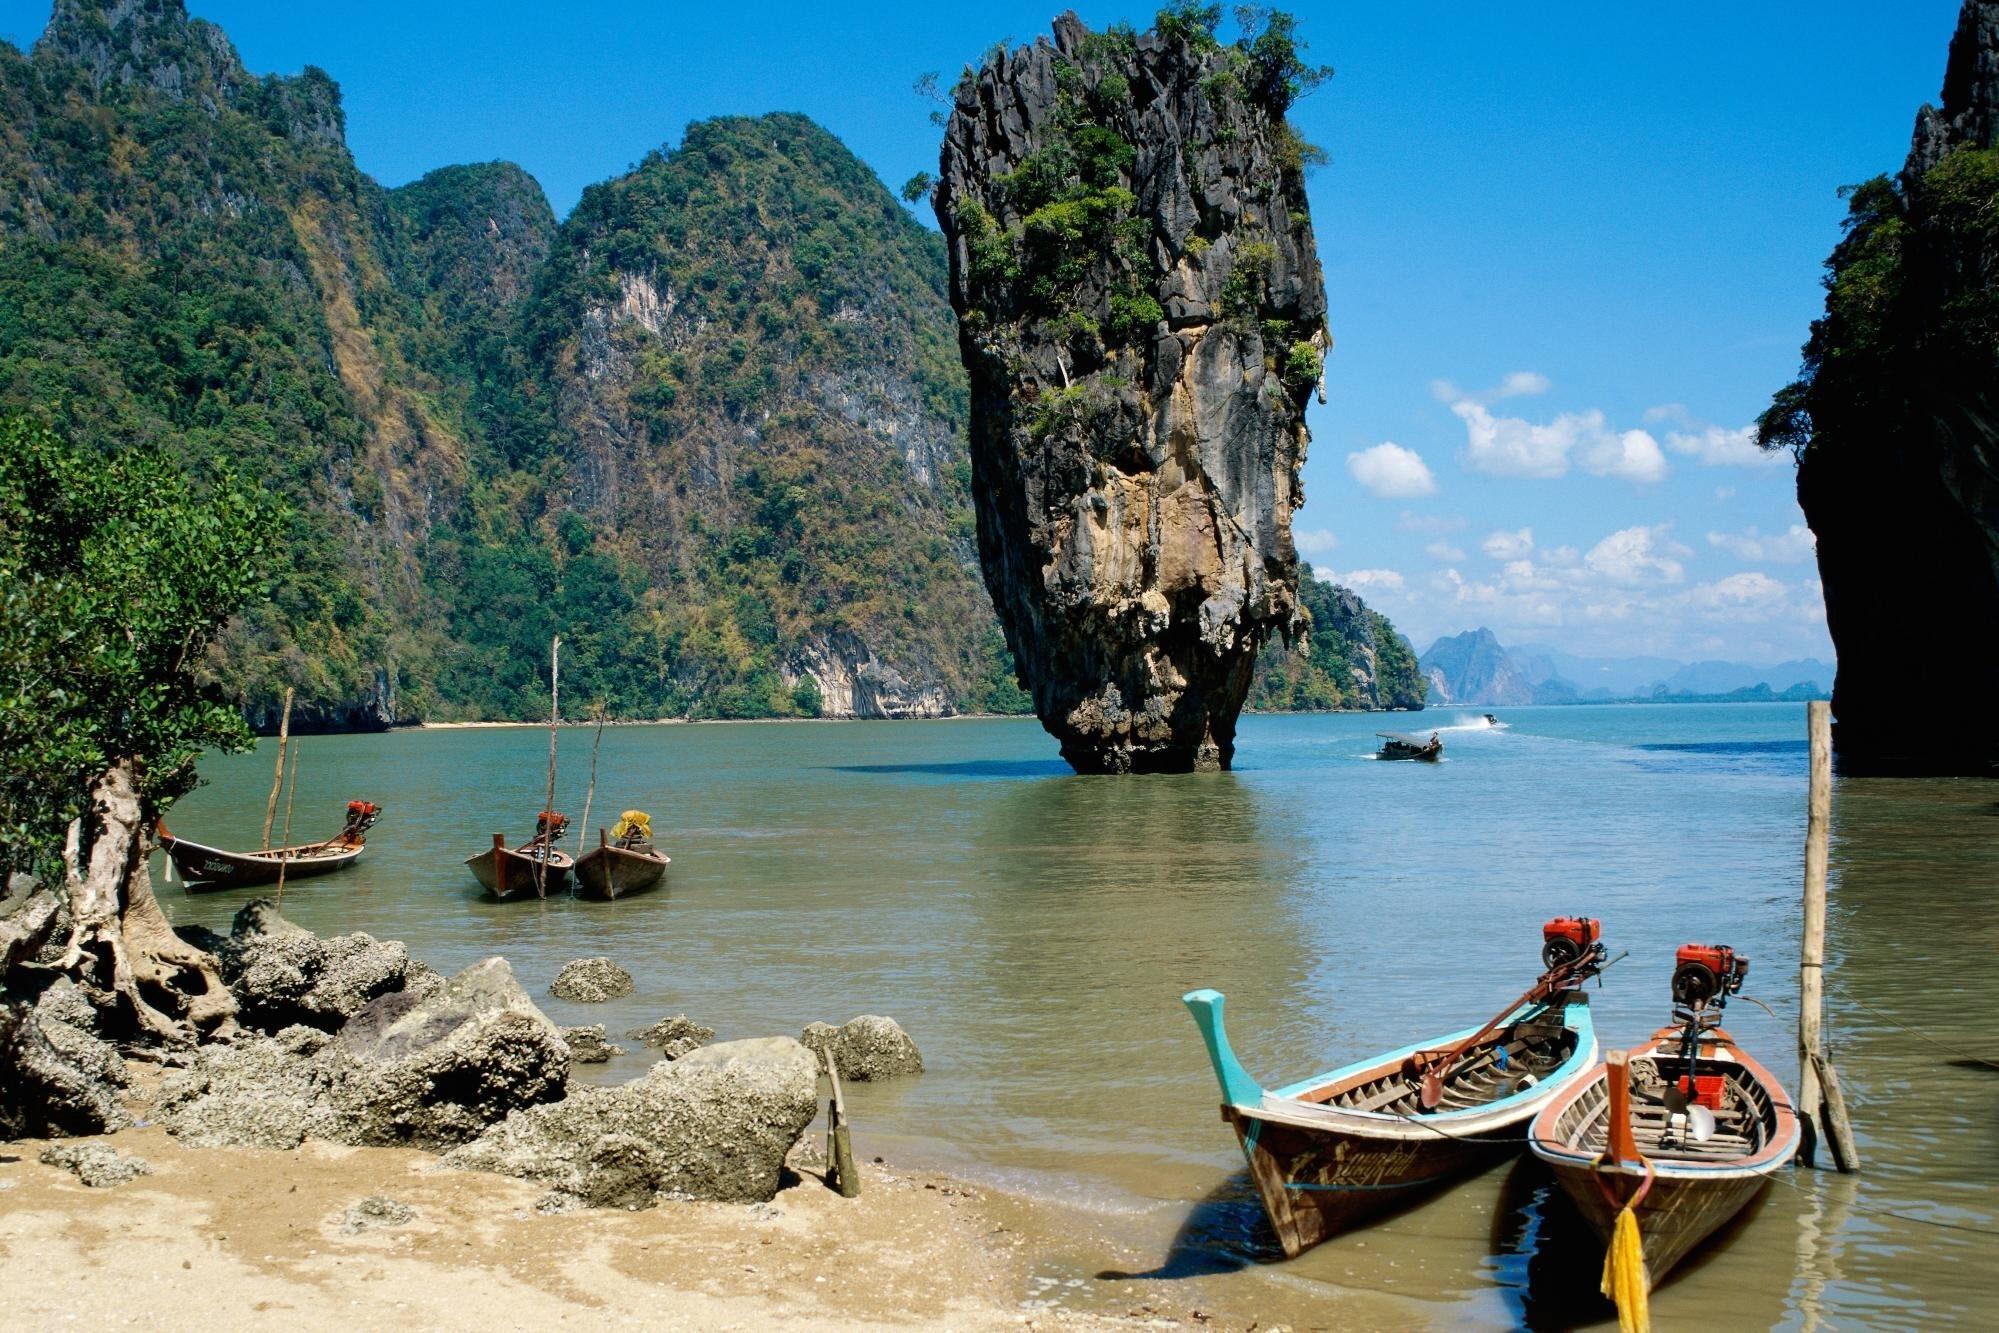 127129 Заставки и Обои Азия на телефон. Скачать Природа, Море, Песок, Азия, Лодки, Скалы, Берег картинки бесплатно